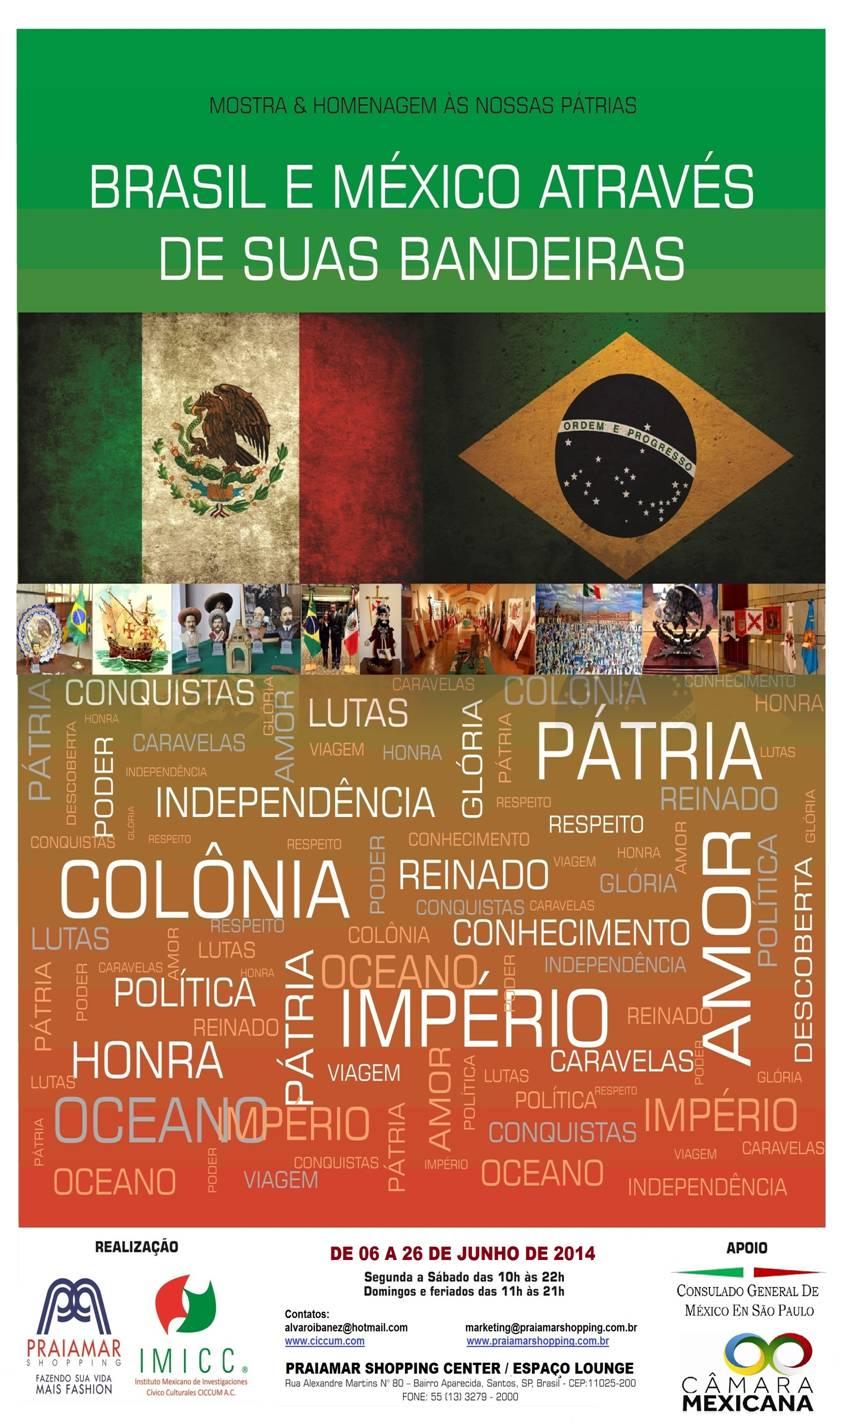 Mexico_Brasil_001